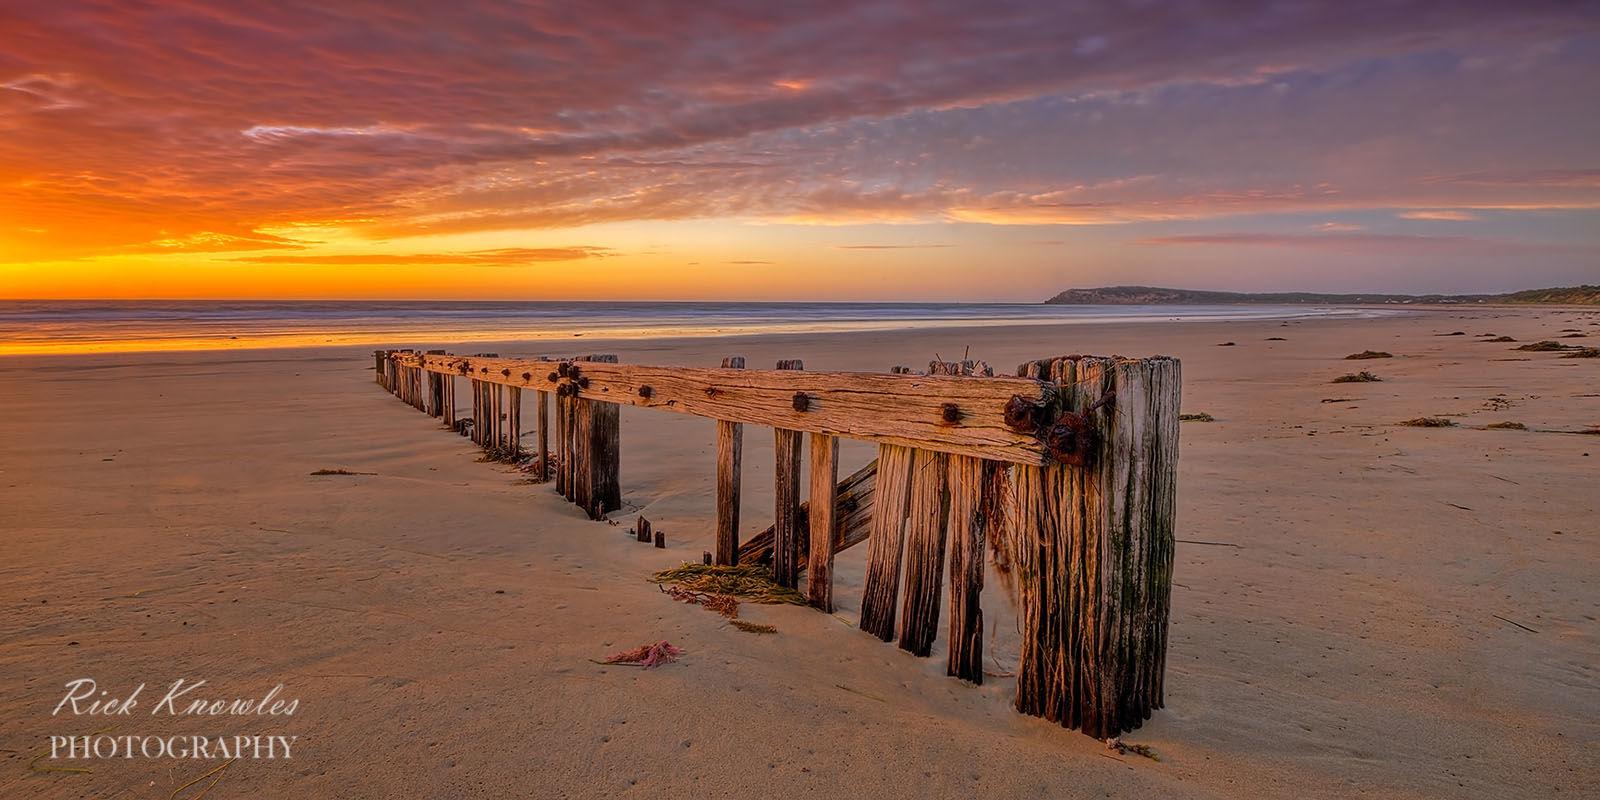 Raafs Beach Panoramic